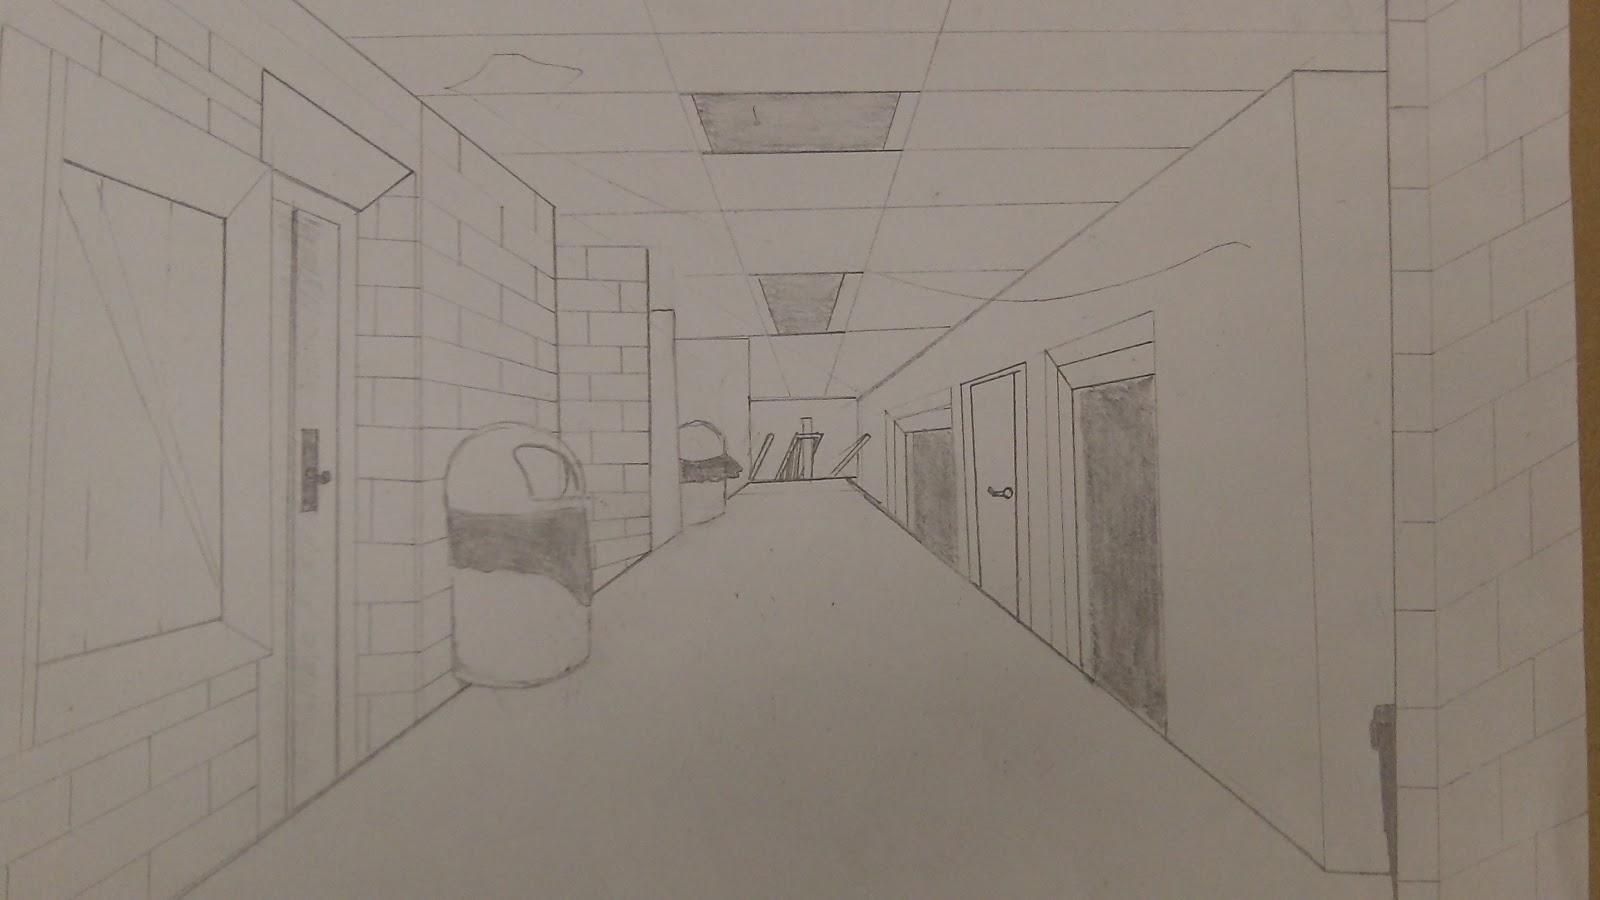 school hallway drawing - HD1600×900